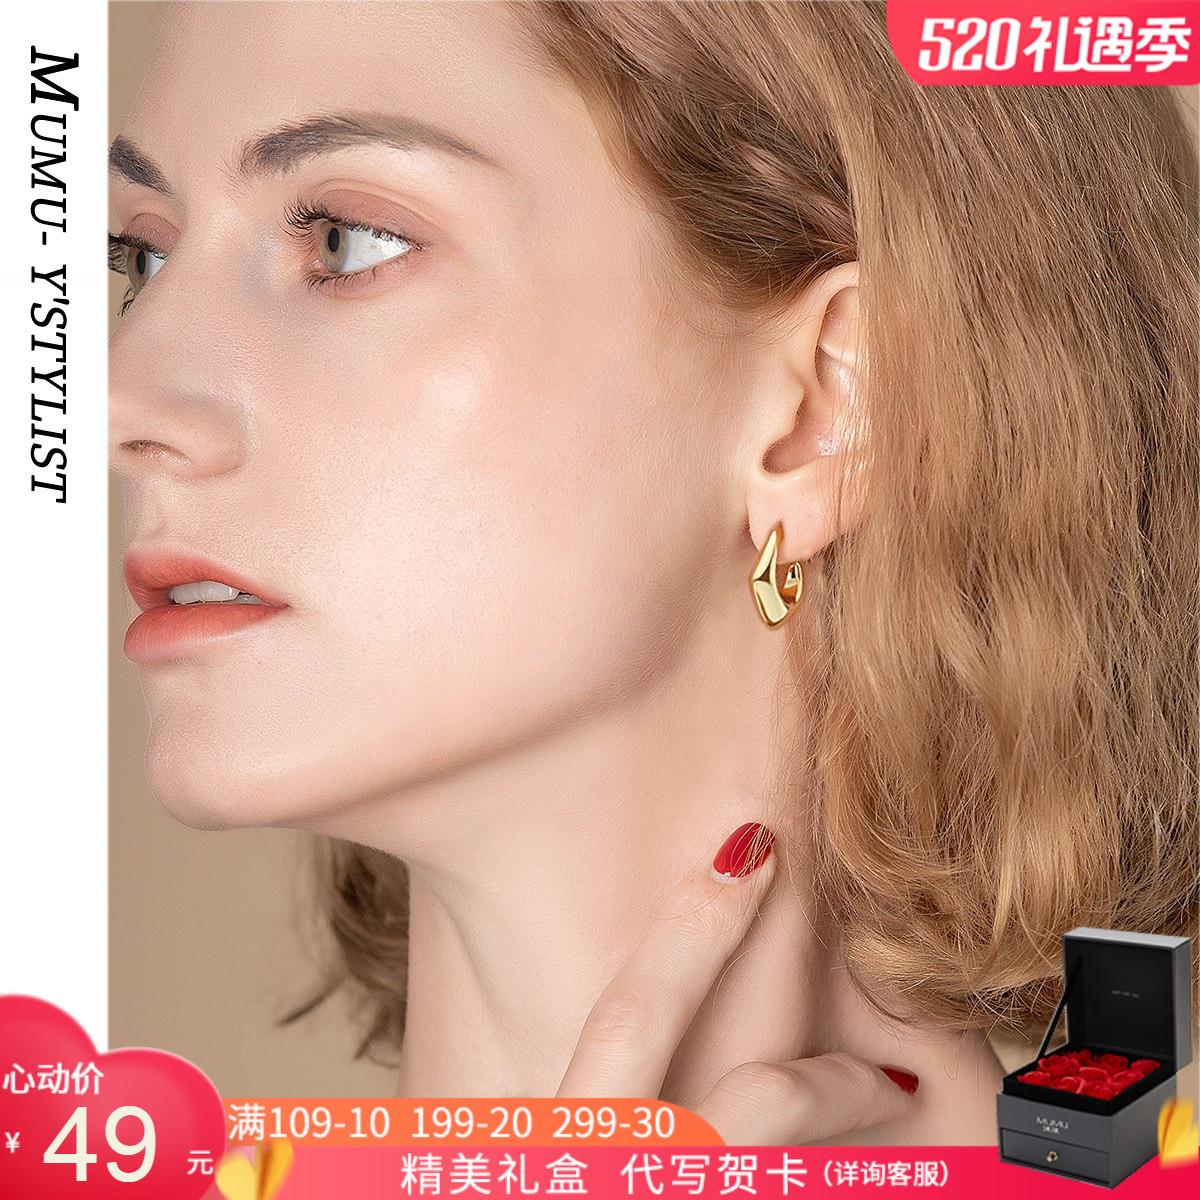 沐沐2021年新款简约时尚方形耳环冷淡风金色耳饰925银针耳饰Z912